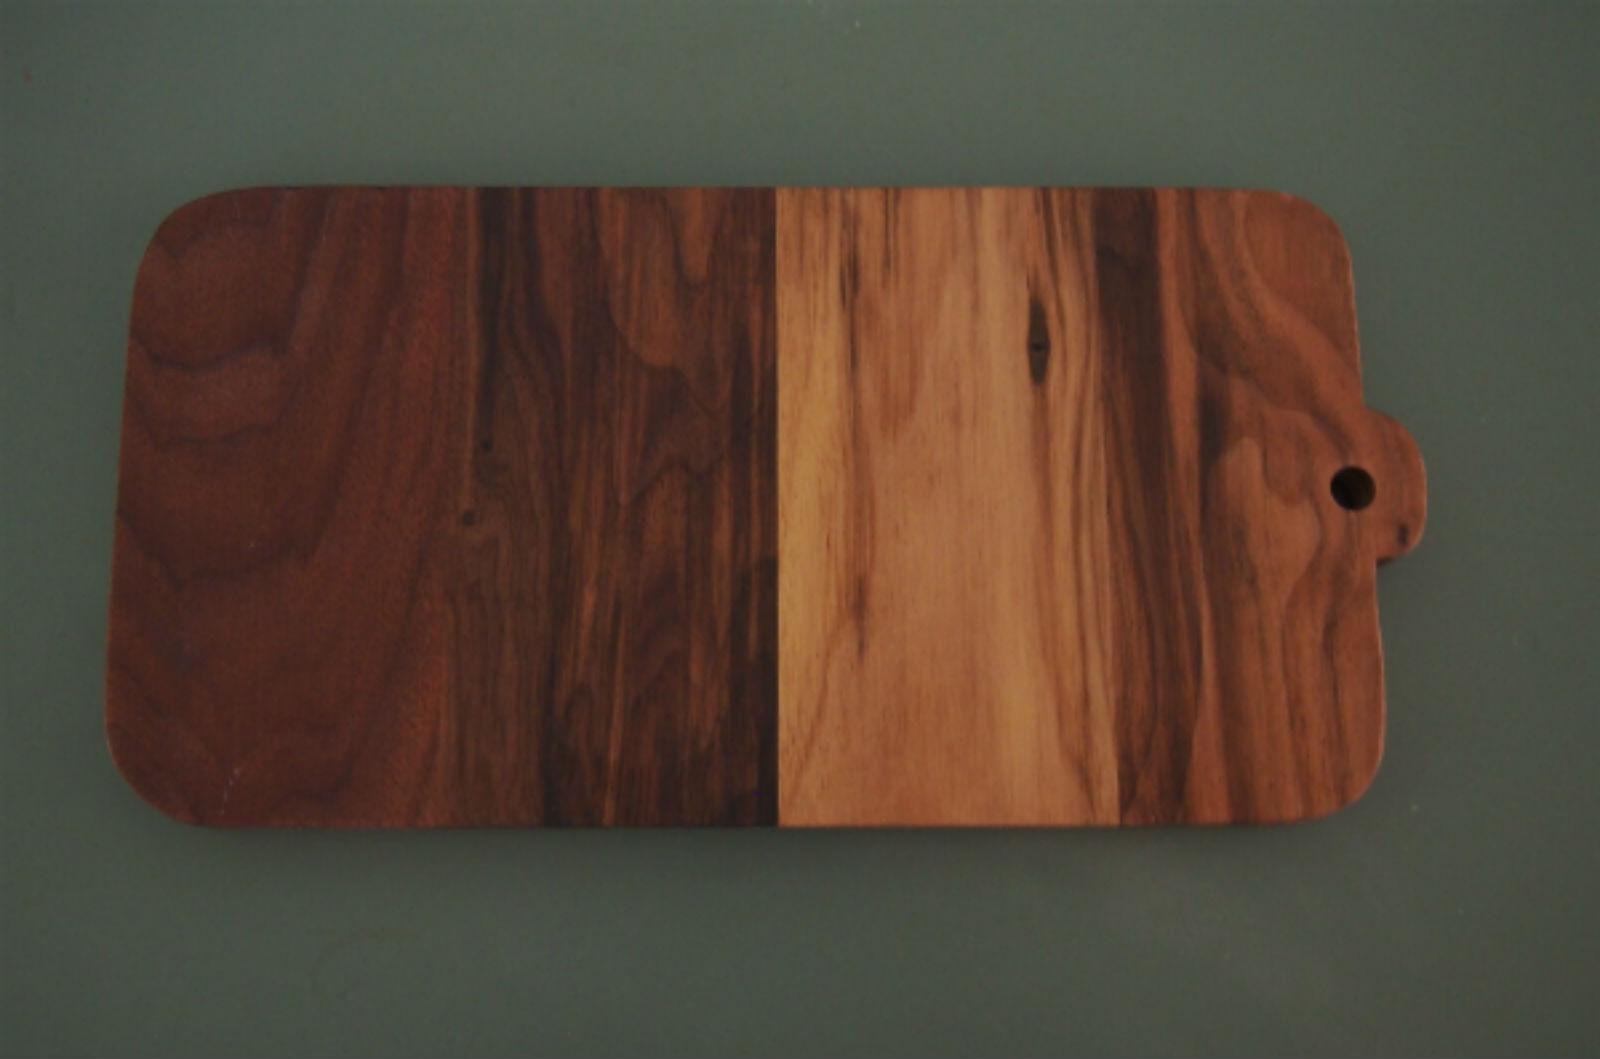 Onderhoud Notenhouten Tafel : Wat is notenhout? en wat kan je ermee? meubelmaker adriaan